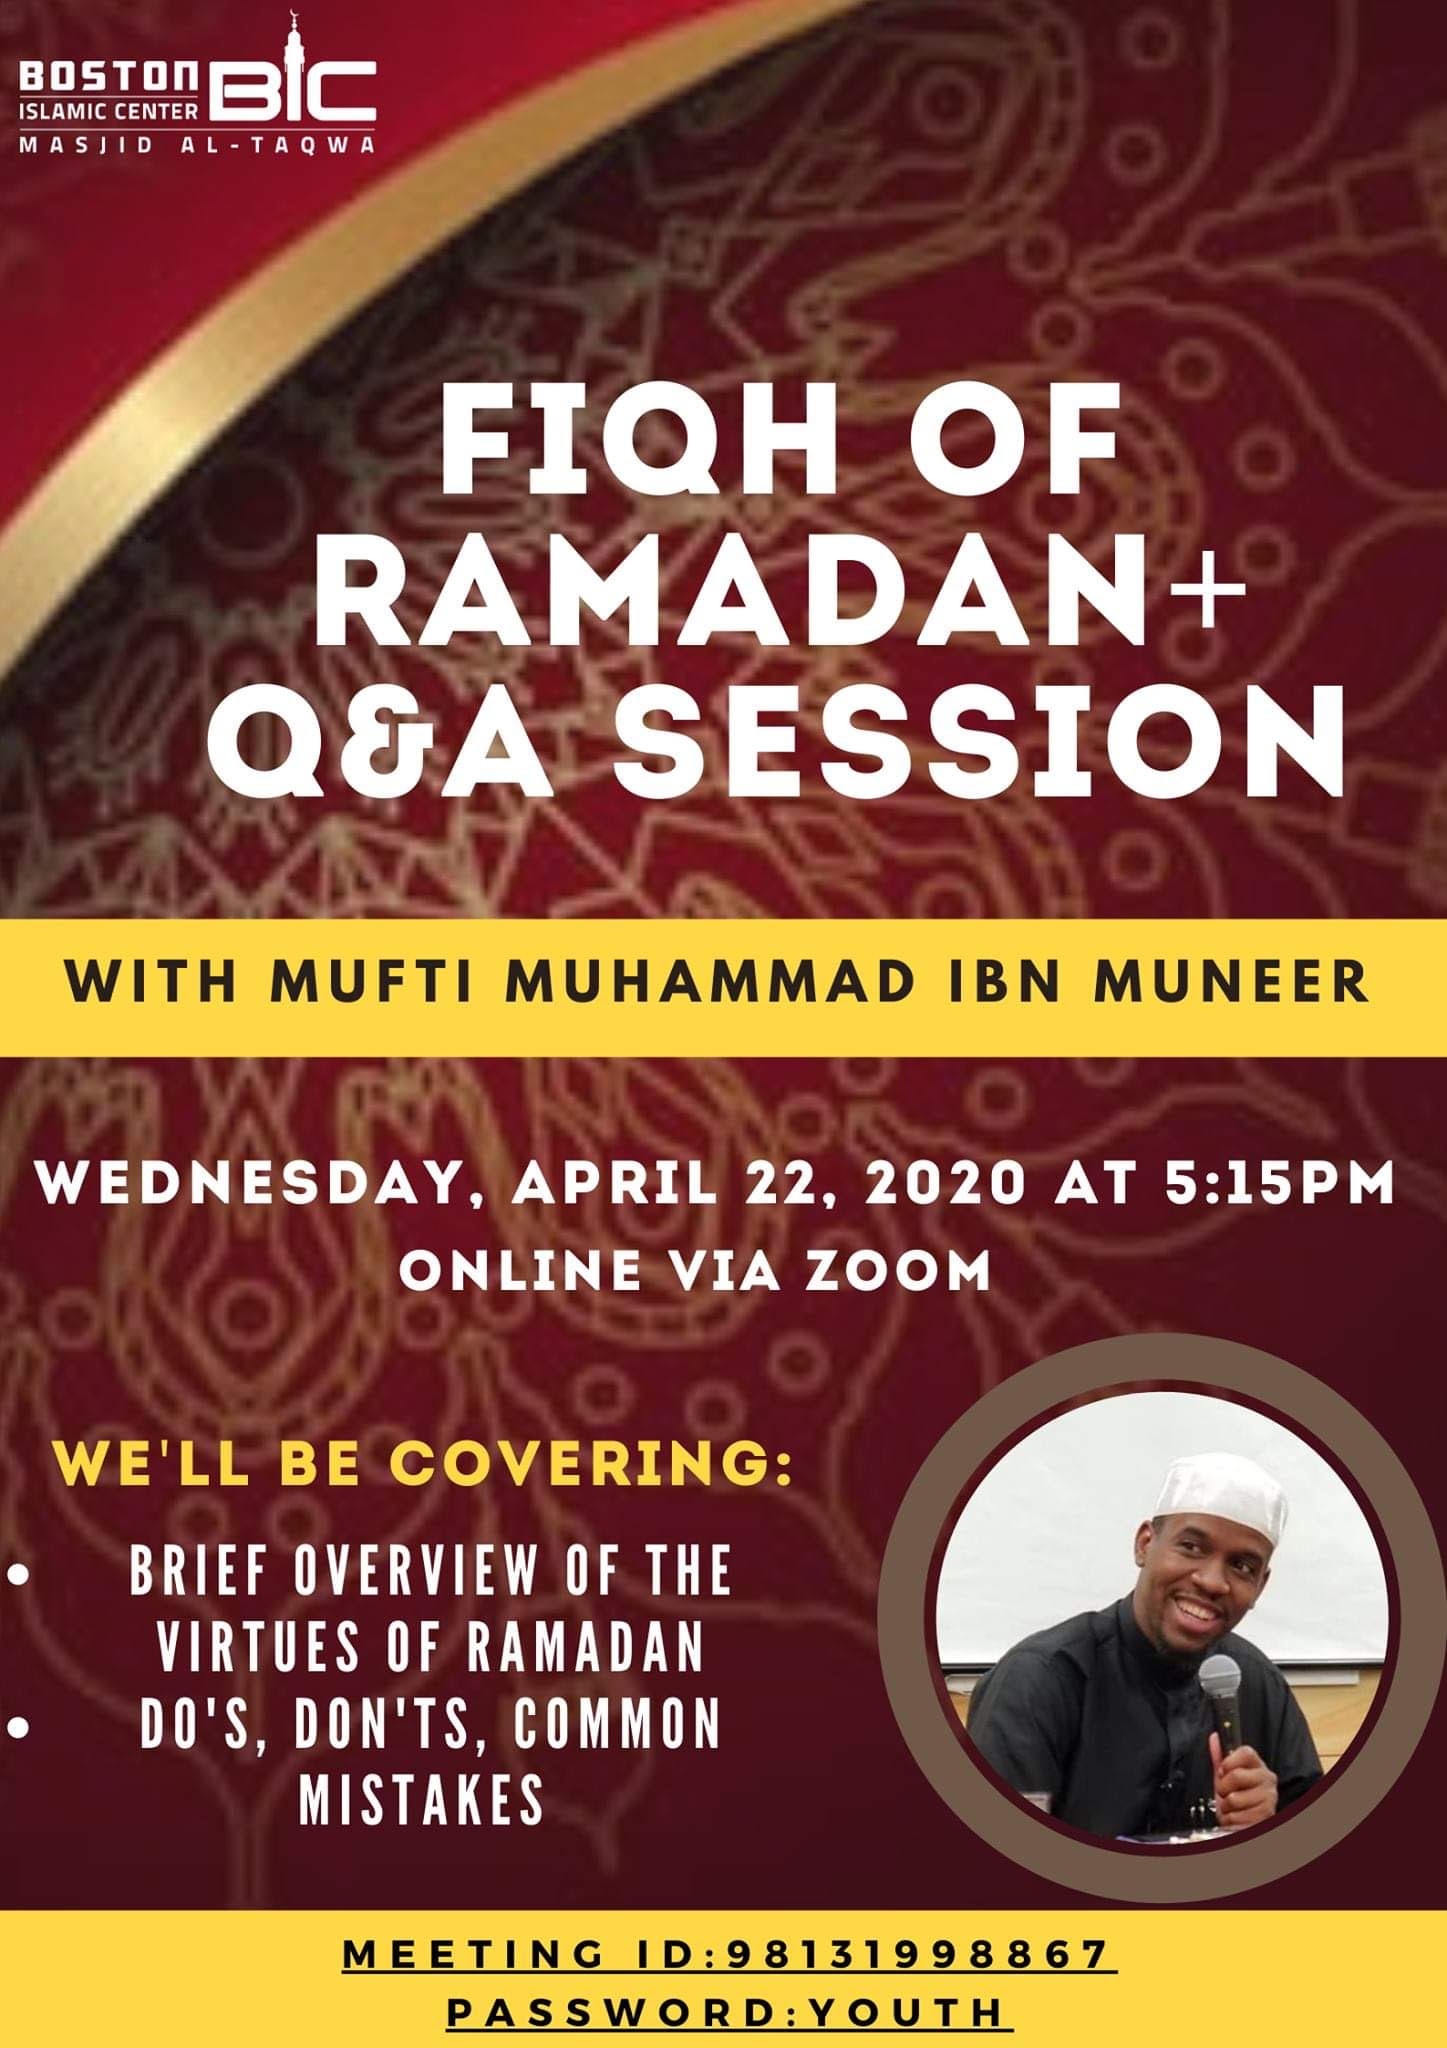 Fiqh of Ramadan Seminar with Mufti Muneer tomorrow at 5:15PM!